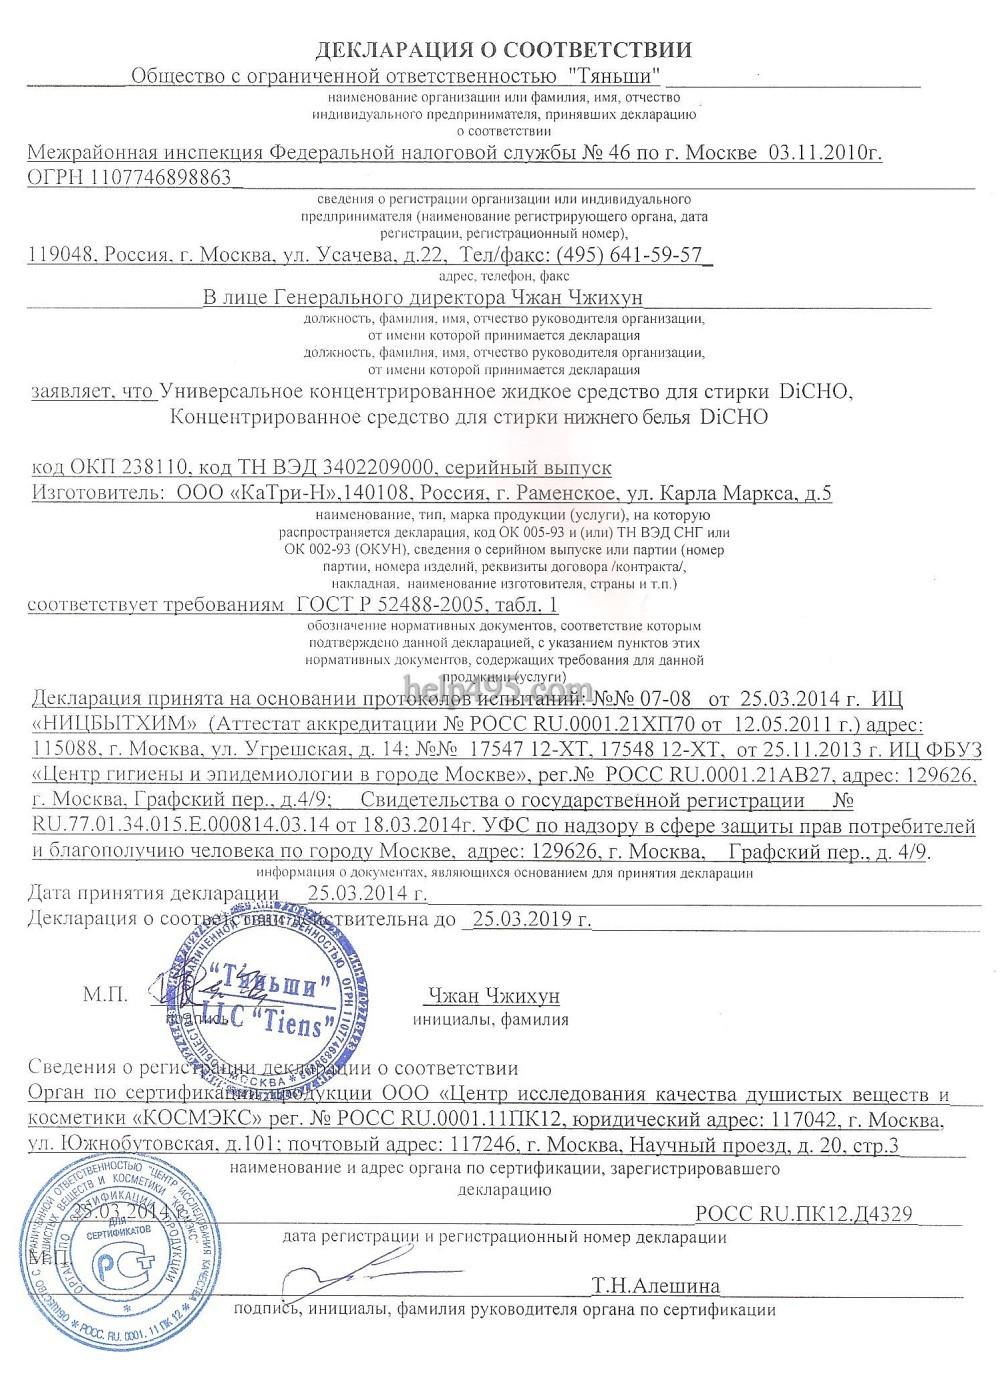 Концентрированное средство для стирки нижнего белья  DICHO (декларация о соответствии)